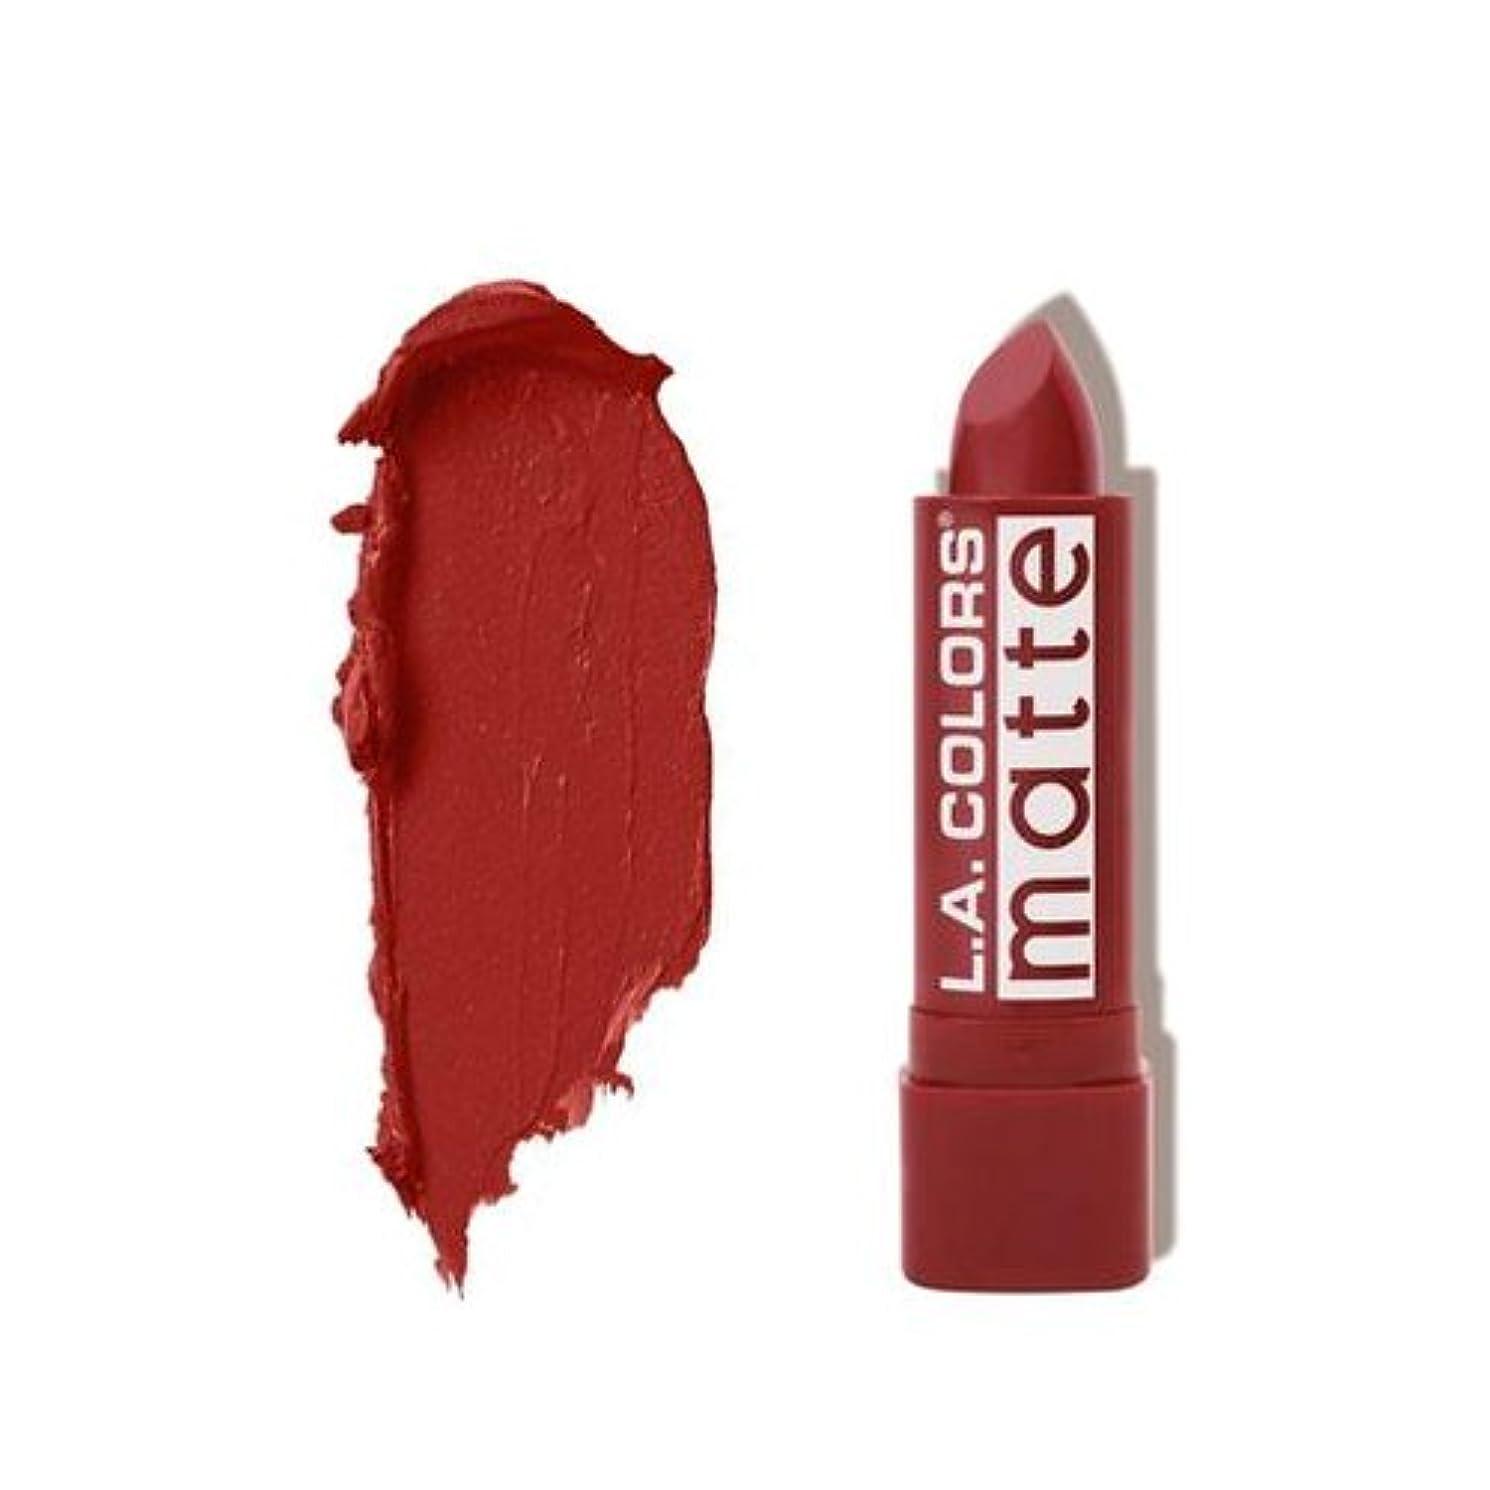 ジョブ追い出す発表(3 Pack) L.A. COLORS Matte Lip Color - Brick (並行輸入品)